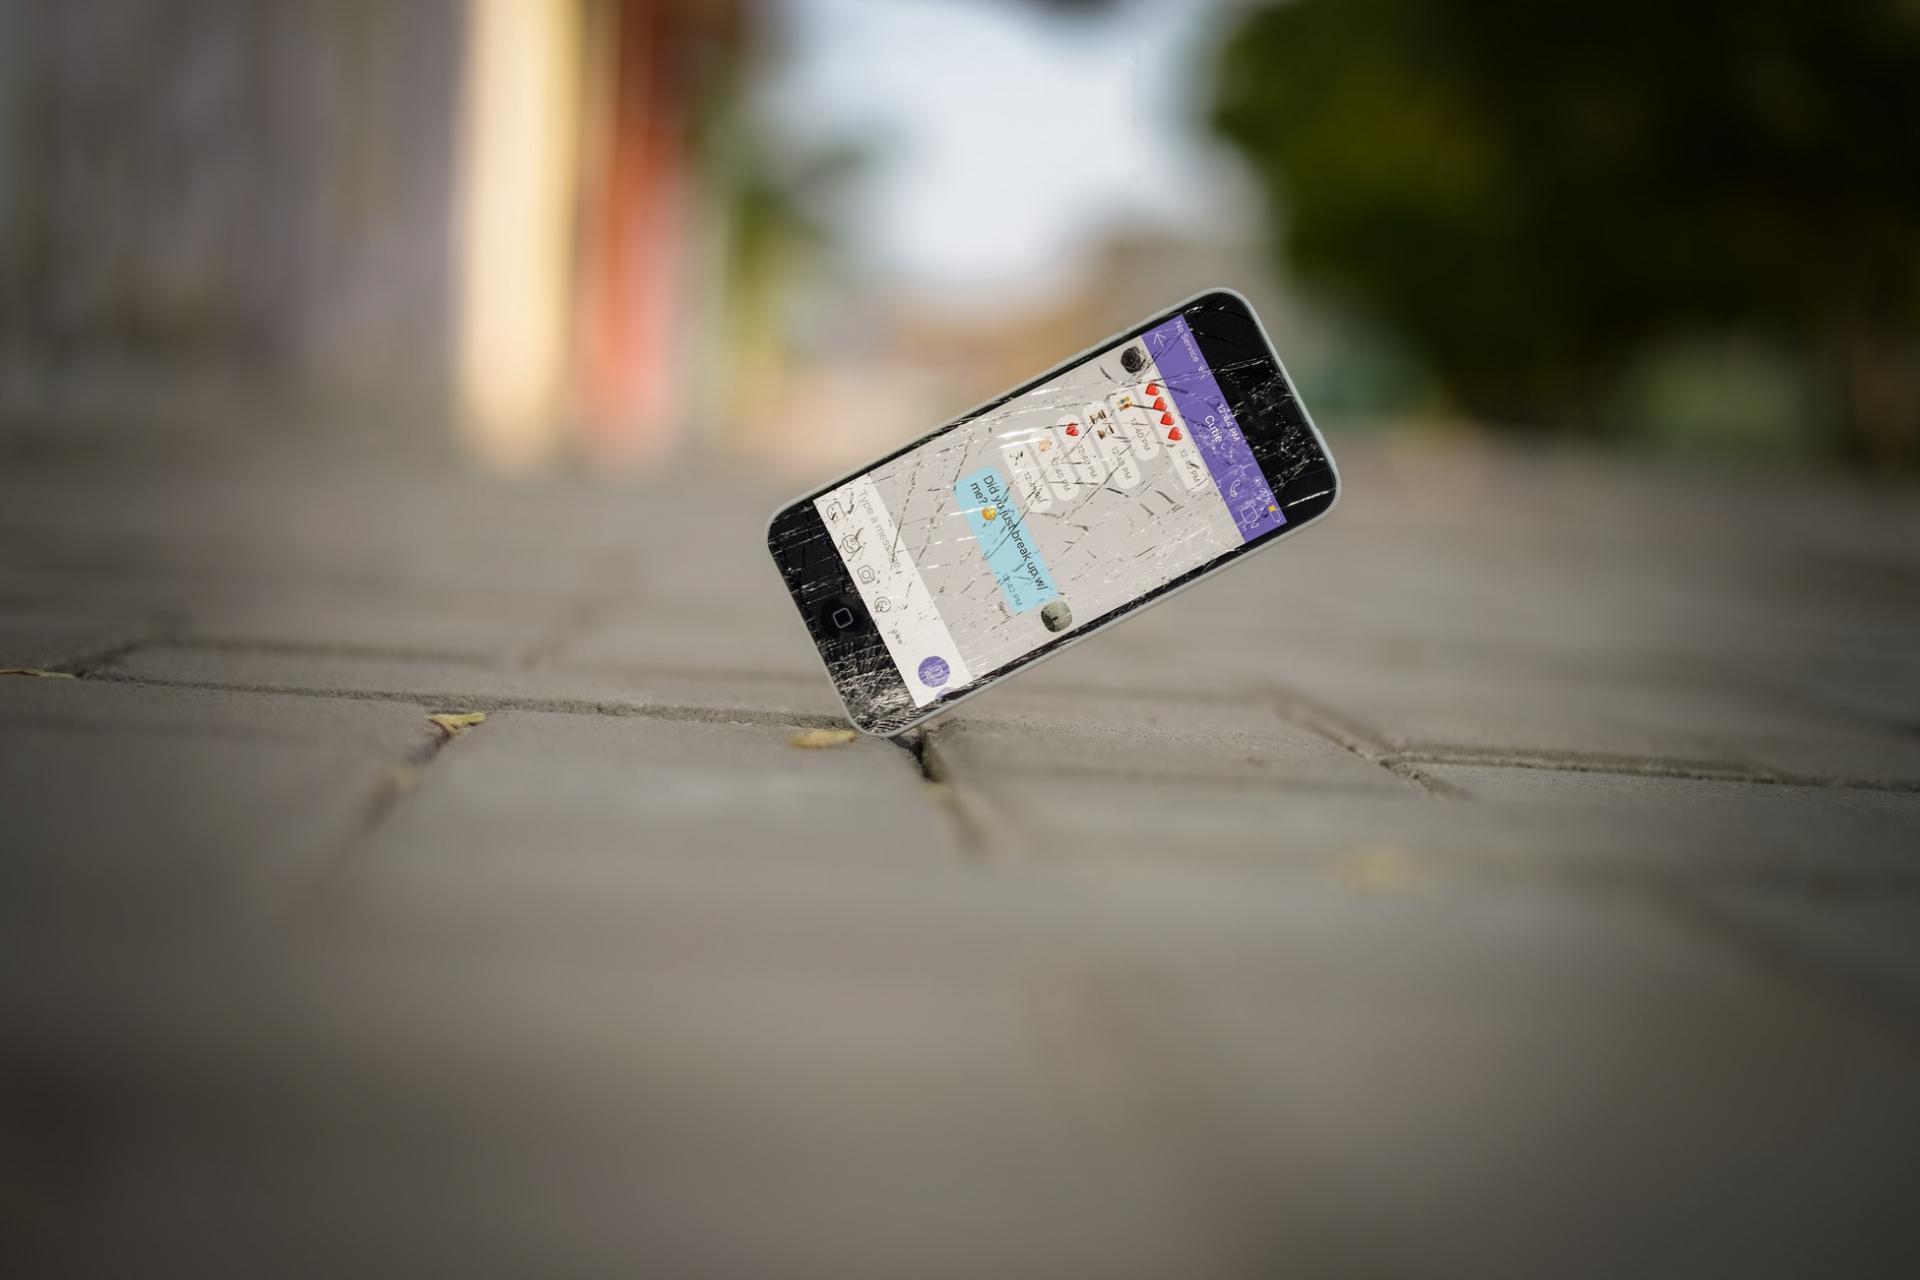 Названысмартфоны, которые легче идешевле всего ремонтировать